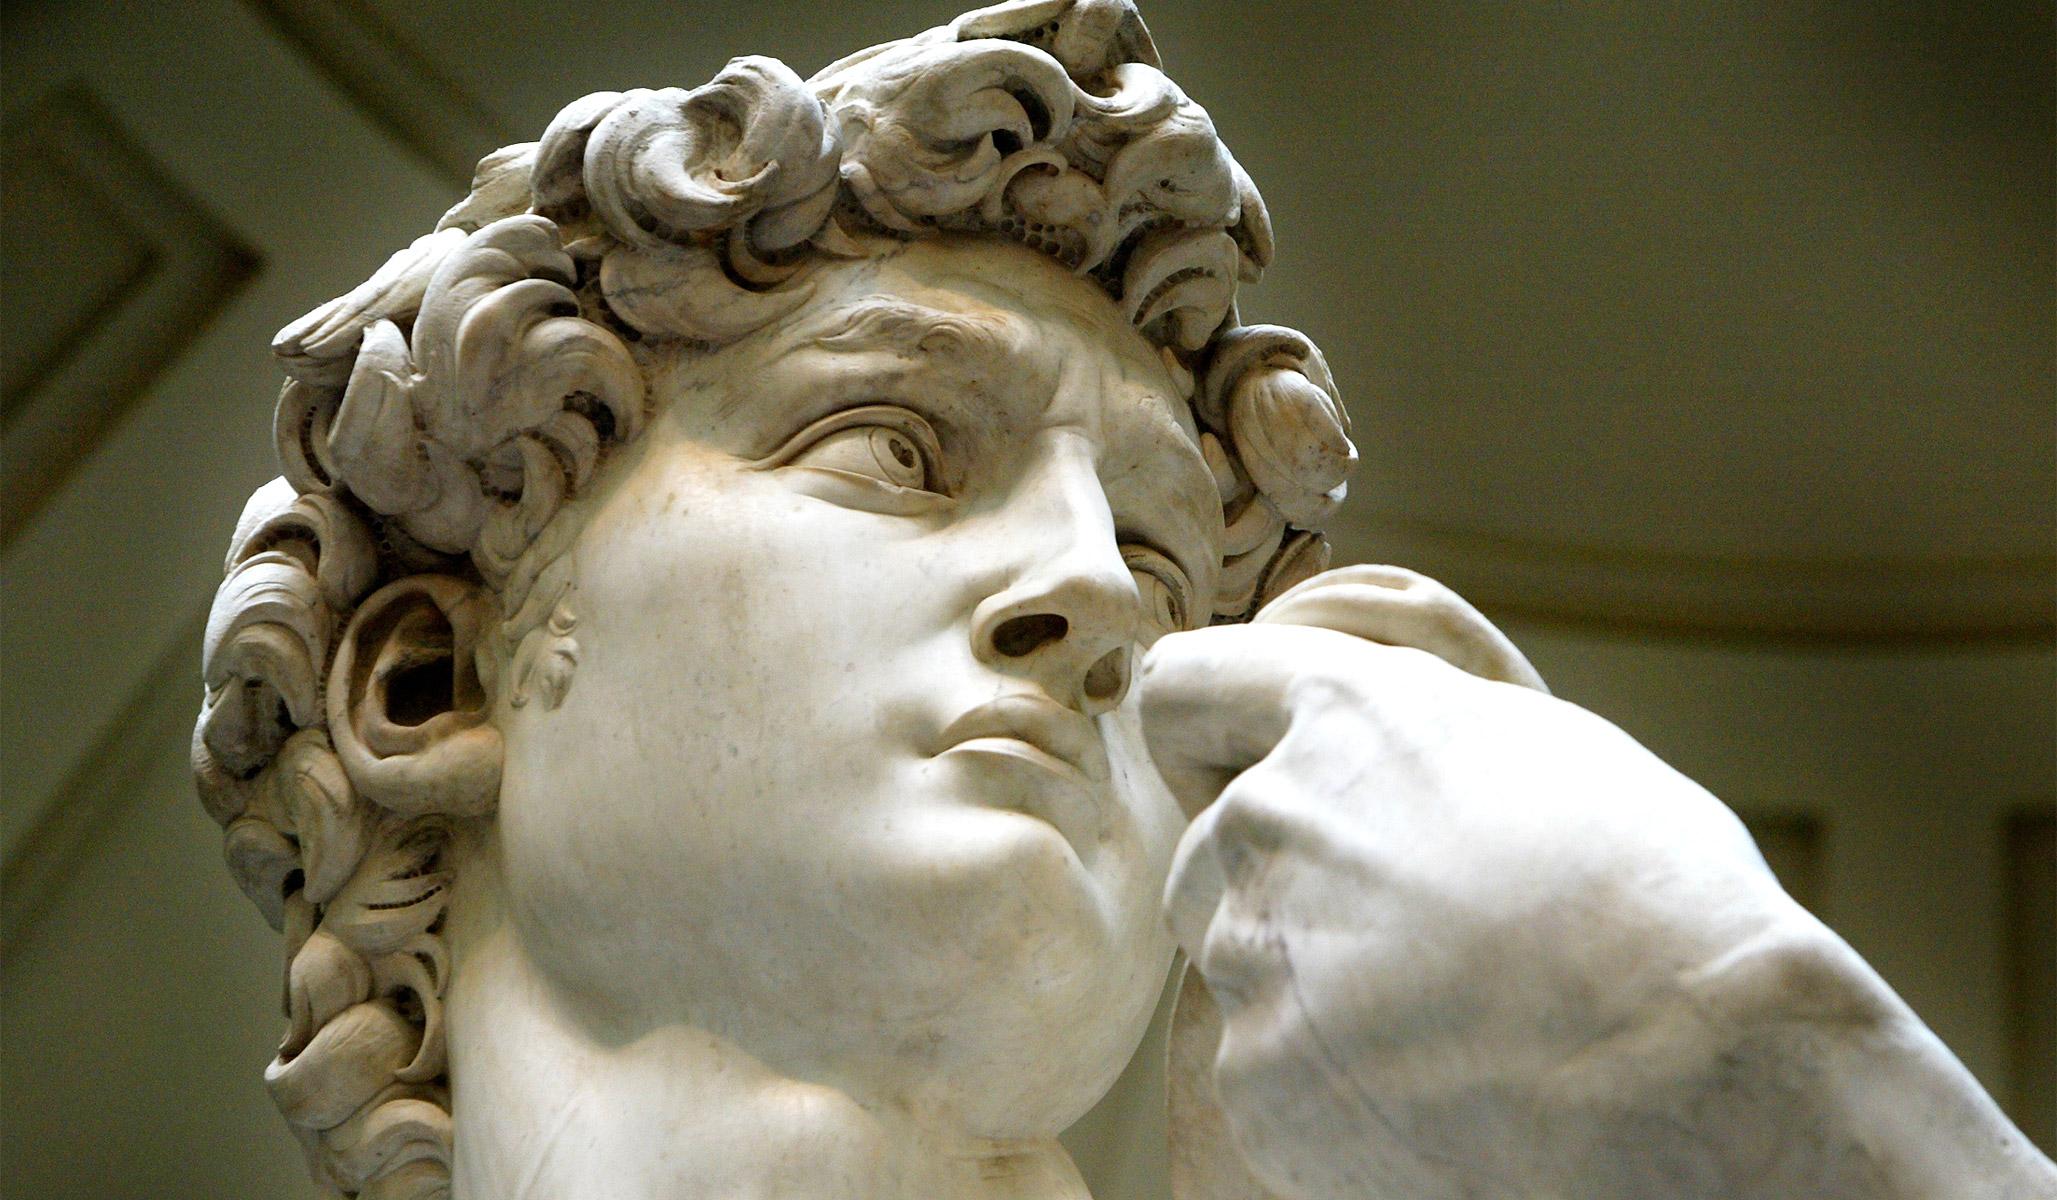 Fallen Statues, Fallen Men thumbnail